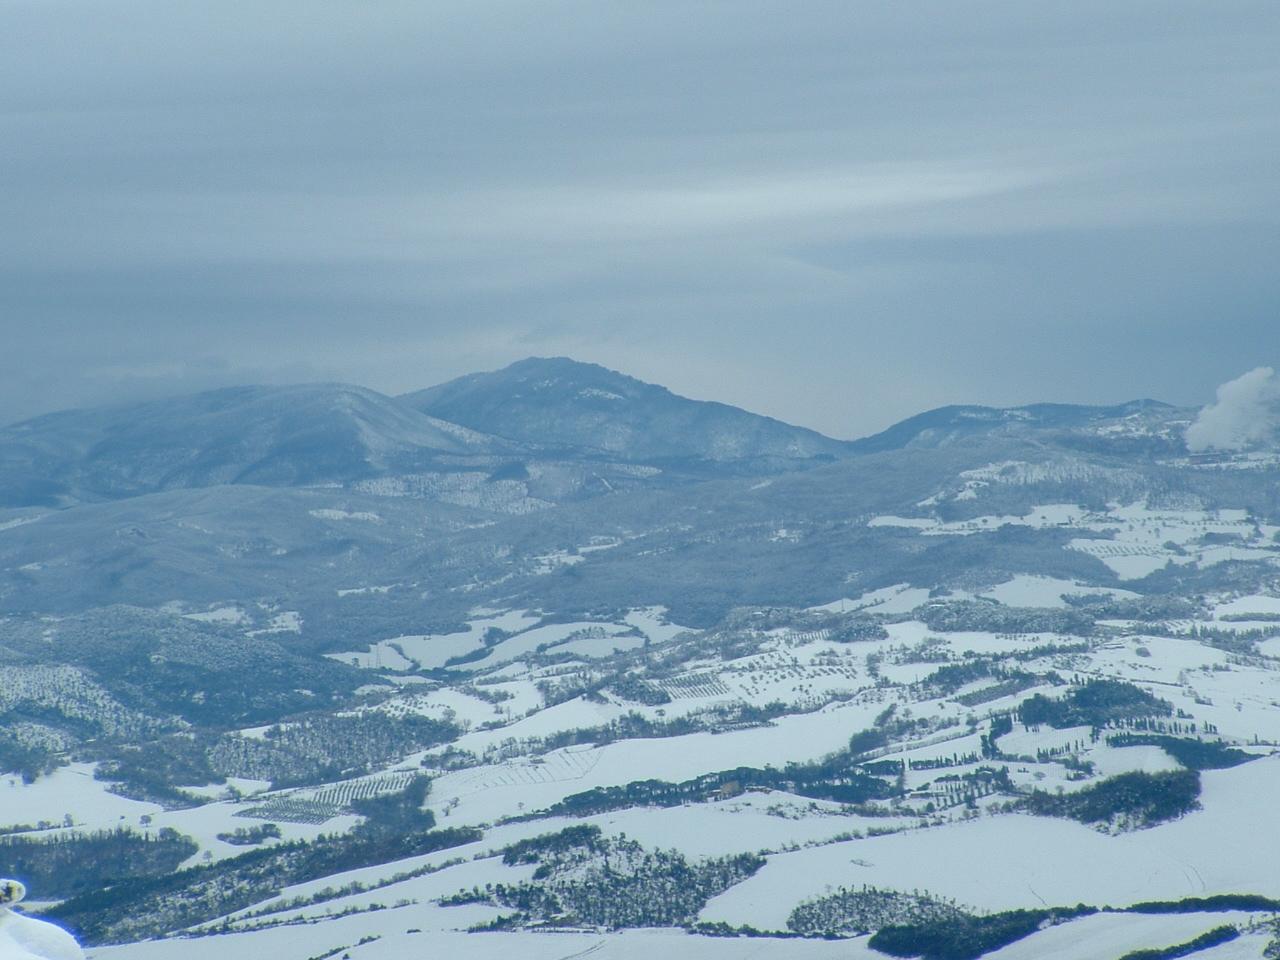 Volterra fotoreportage neve 9/10 marzo 2010..l'apoteosi nevosa!!-foto-mattina-volterra-10-marzo-2010-2-11-.jpg